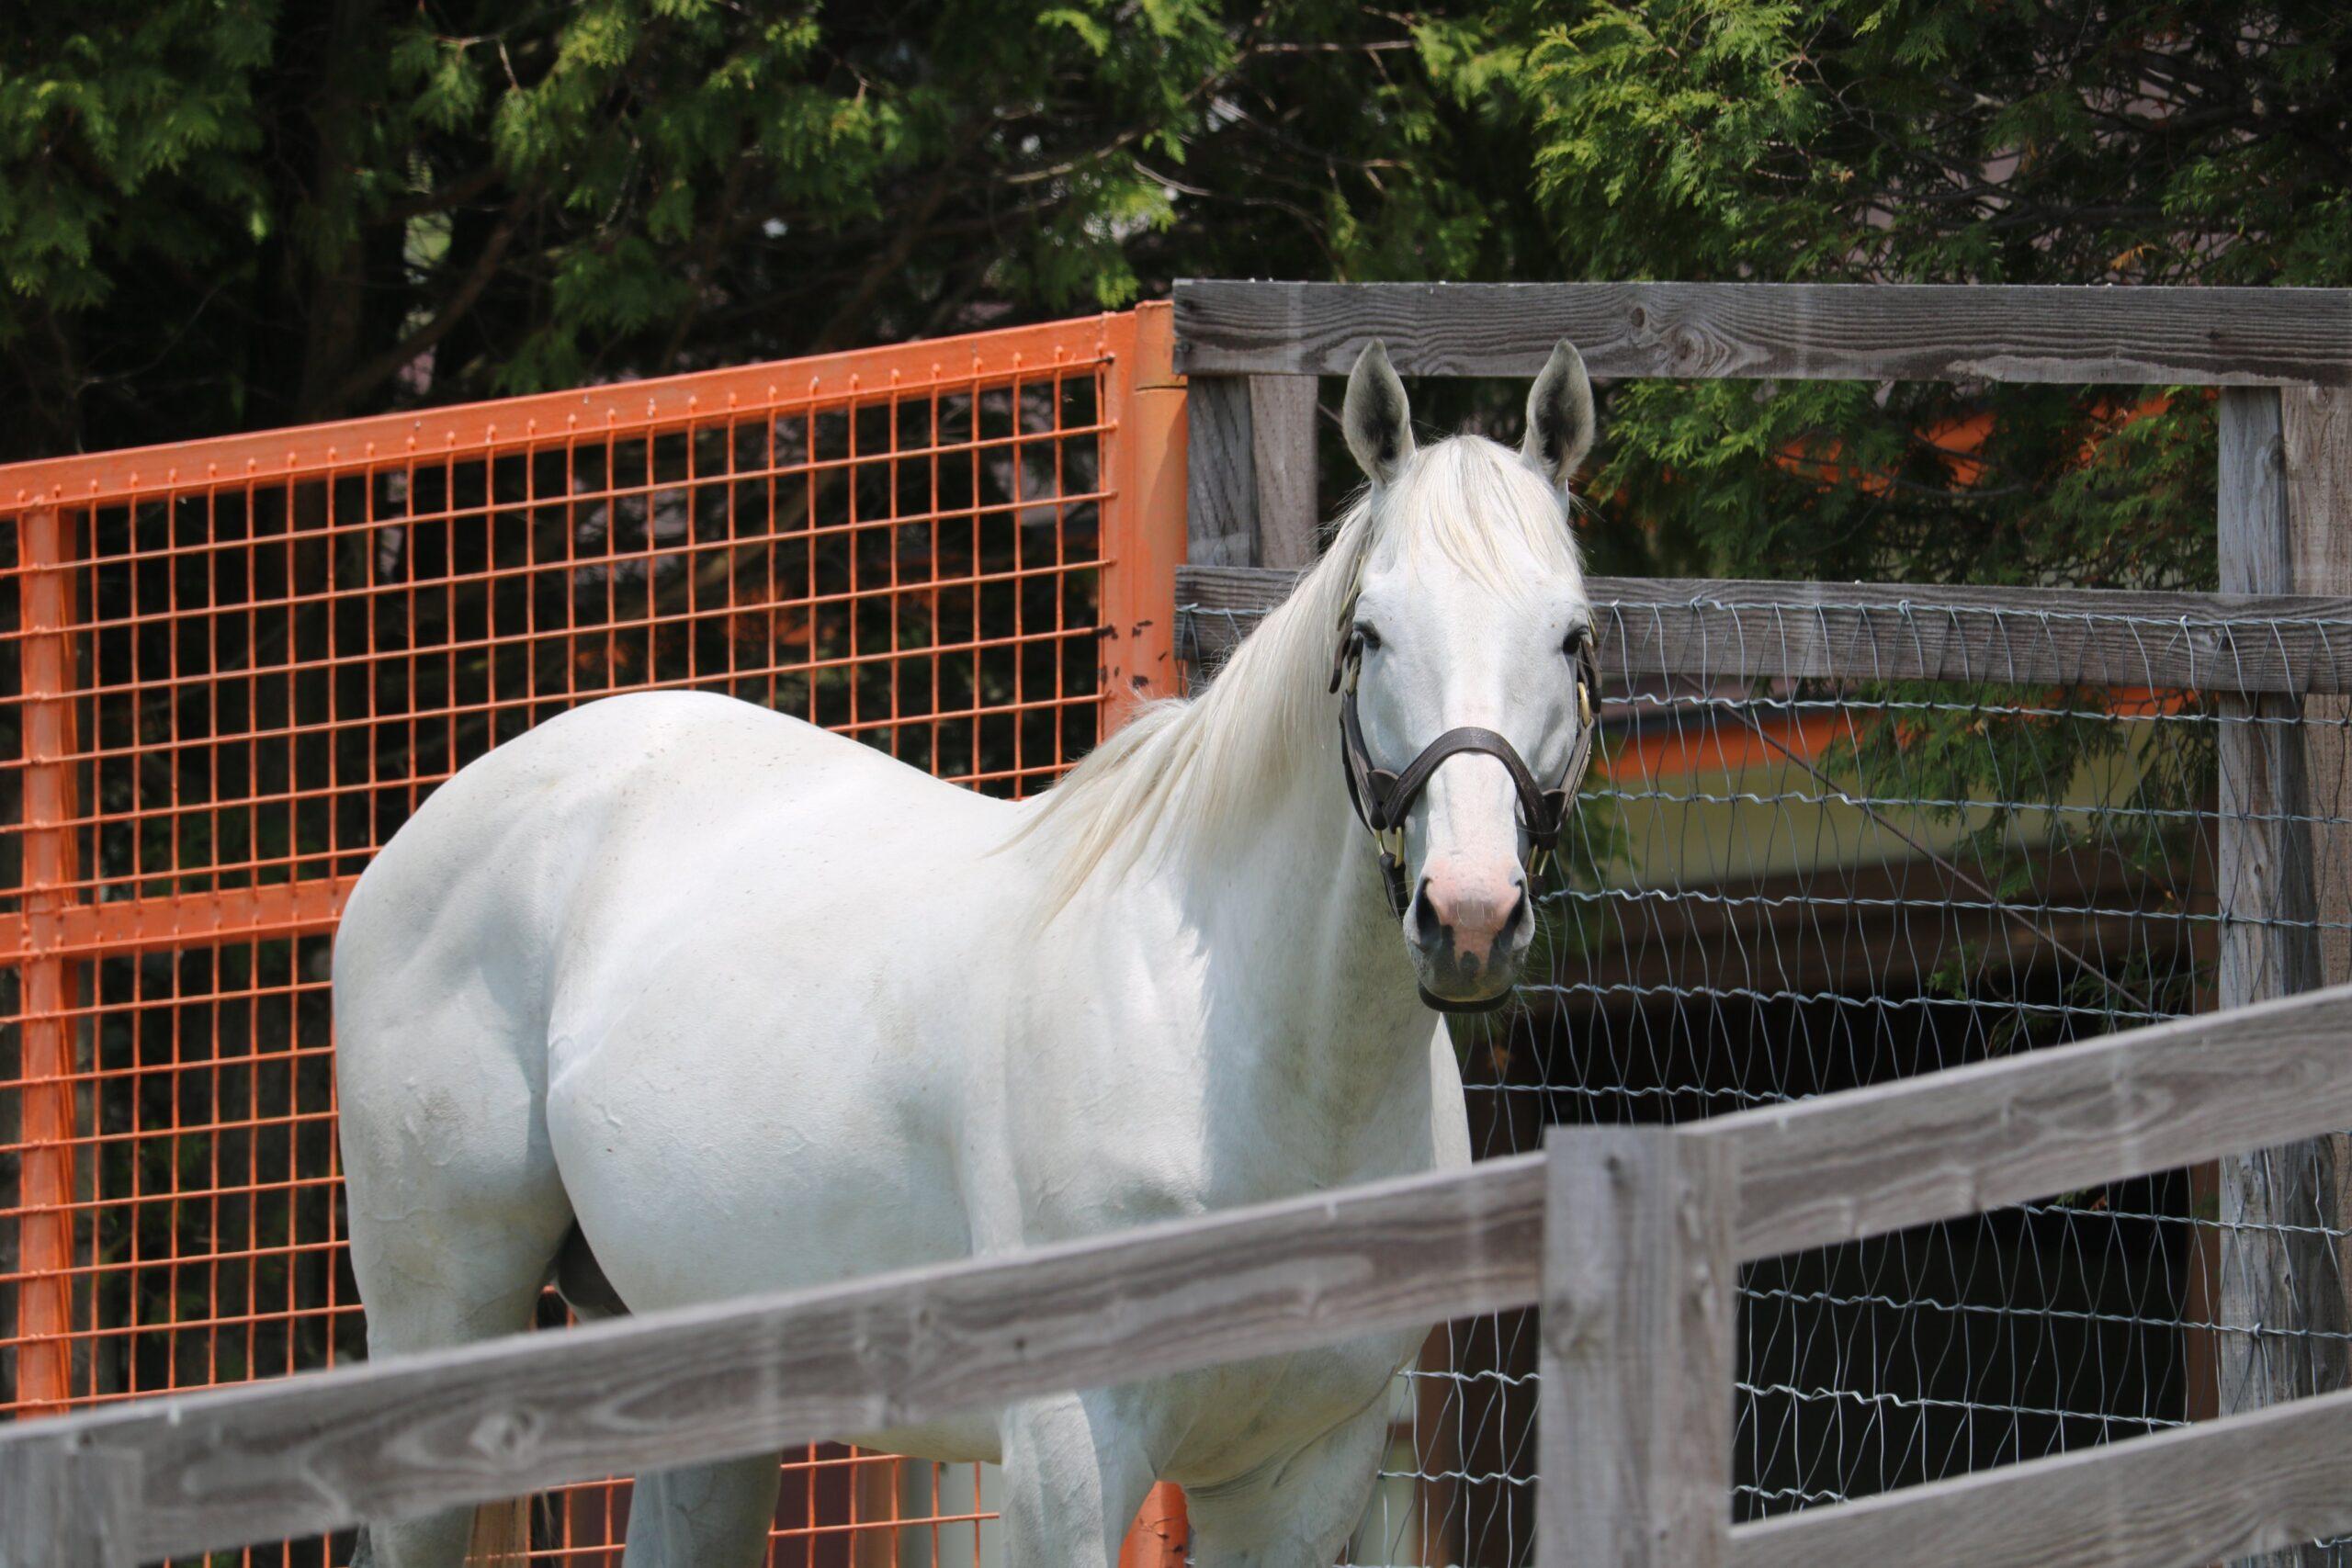 競走馬に会いに行く際、絶対に守ってほしい『牧場見学の9箇条』とは?